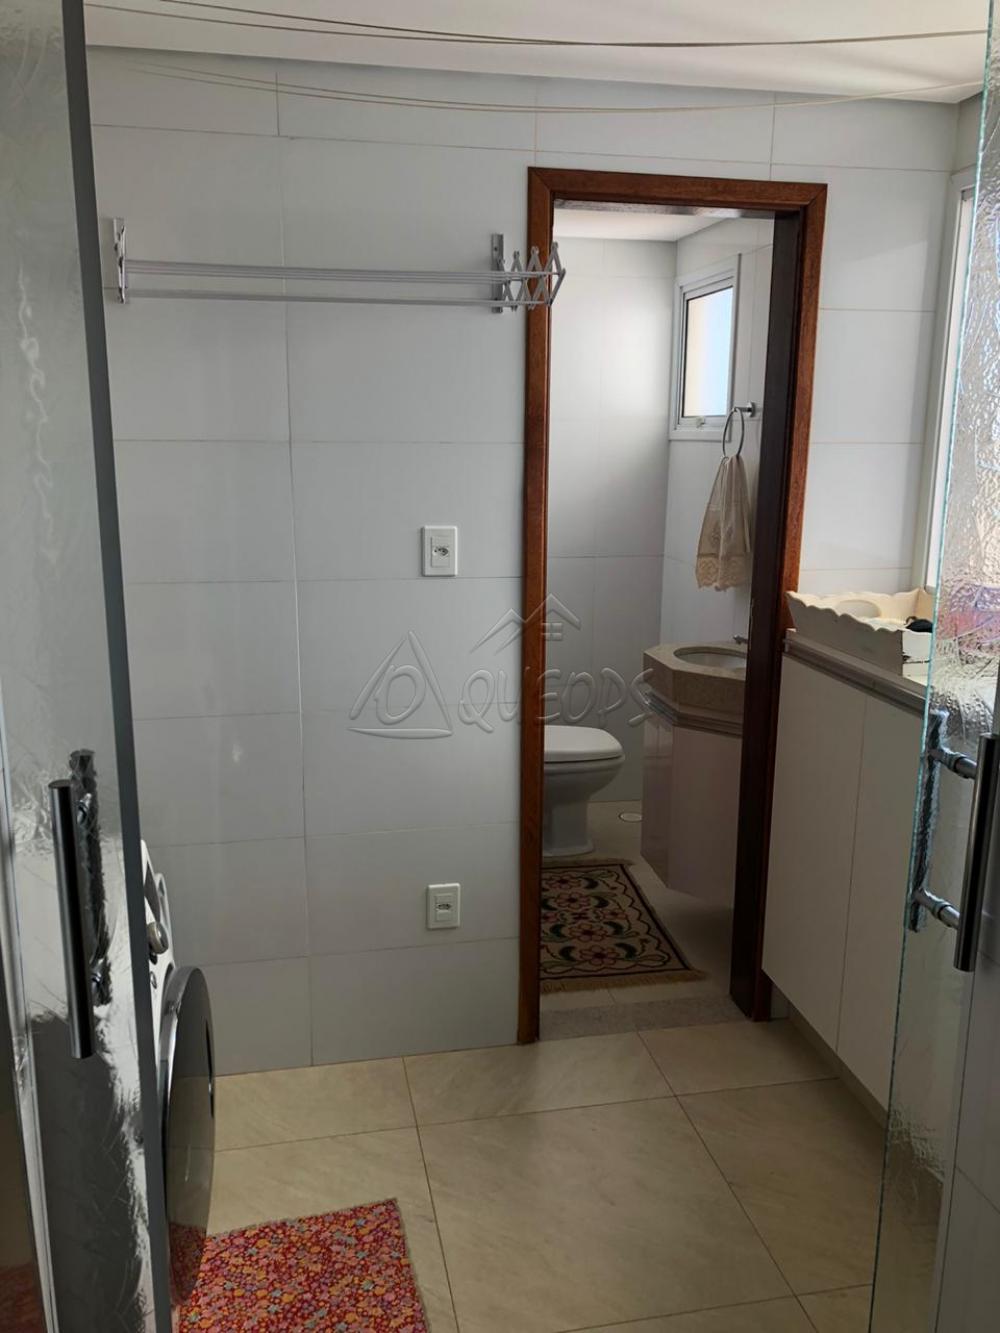 Comprar Apartamento / Padrão em Barretos apenas R$ 700.000,00 - Foto 30